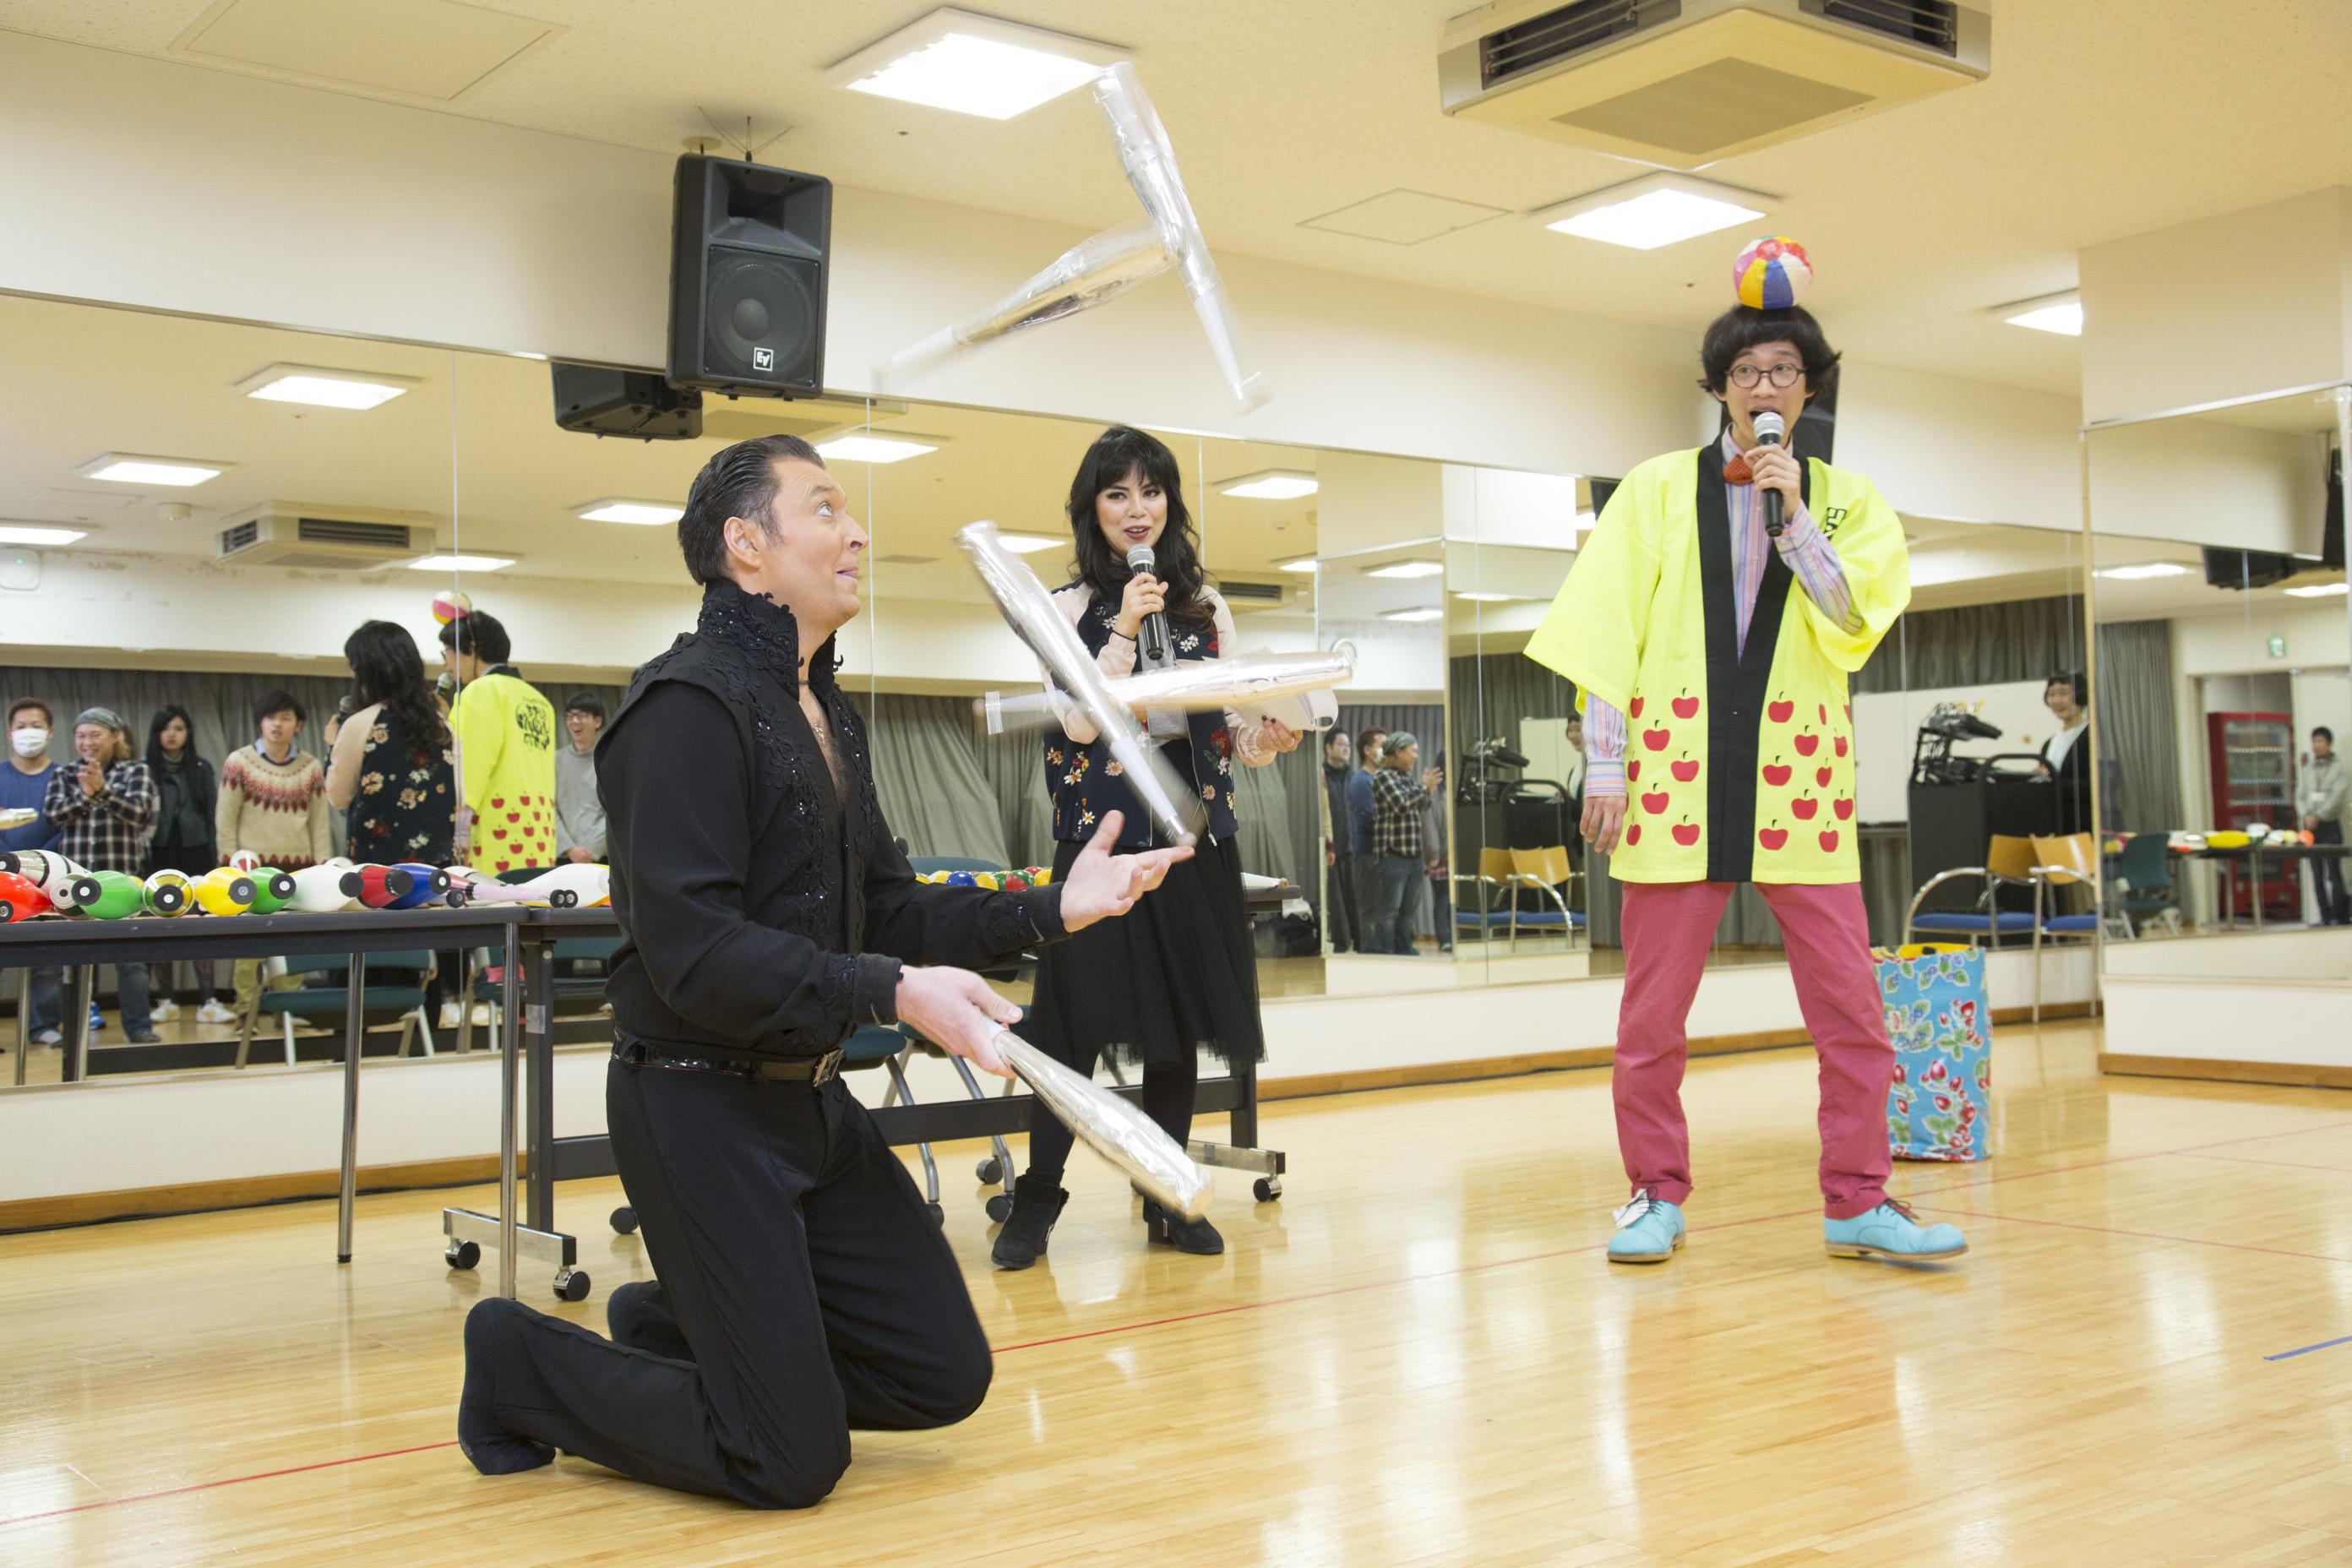 http://news.yoshimoto.co.jp/20170228170903-395344a6ed86a746f609586c3b541ad7a26d0f05.jpg